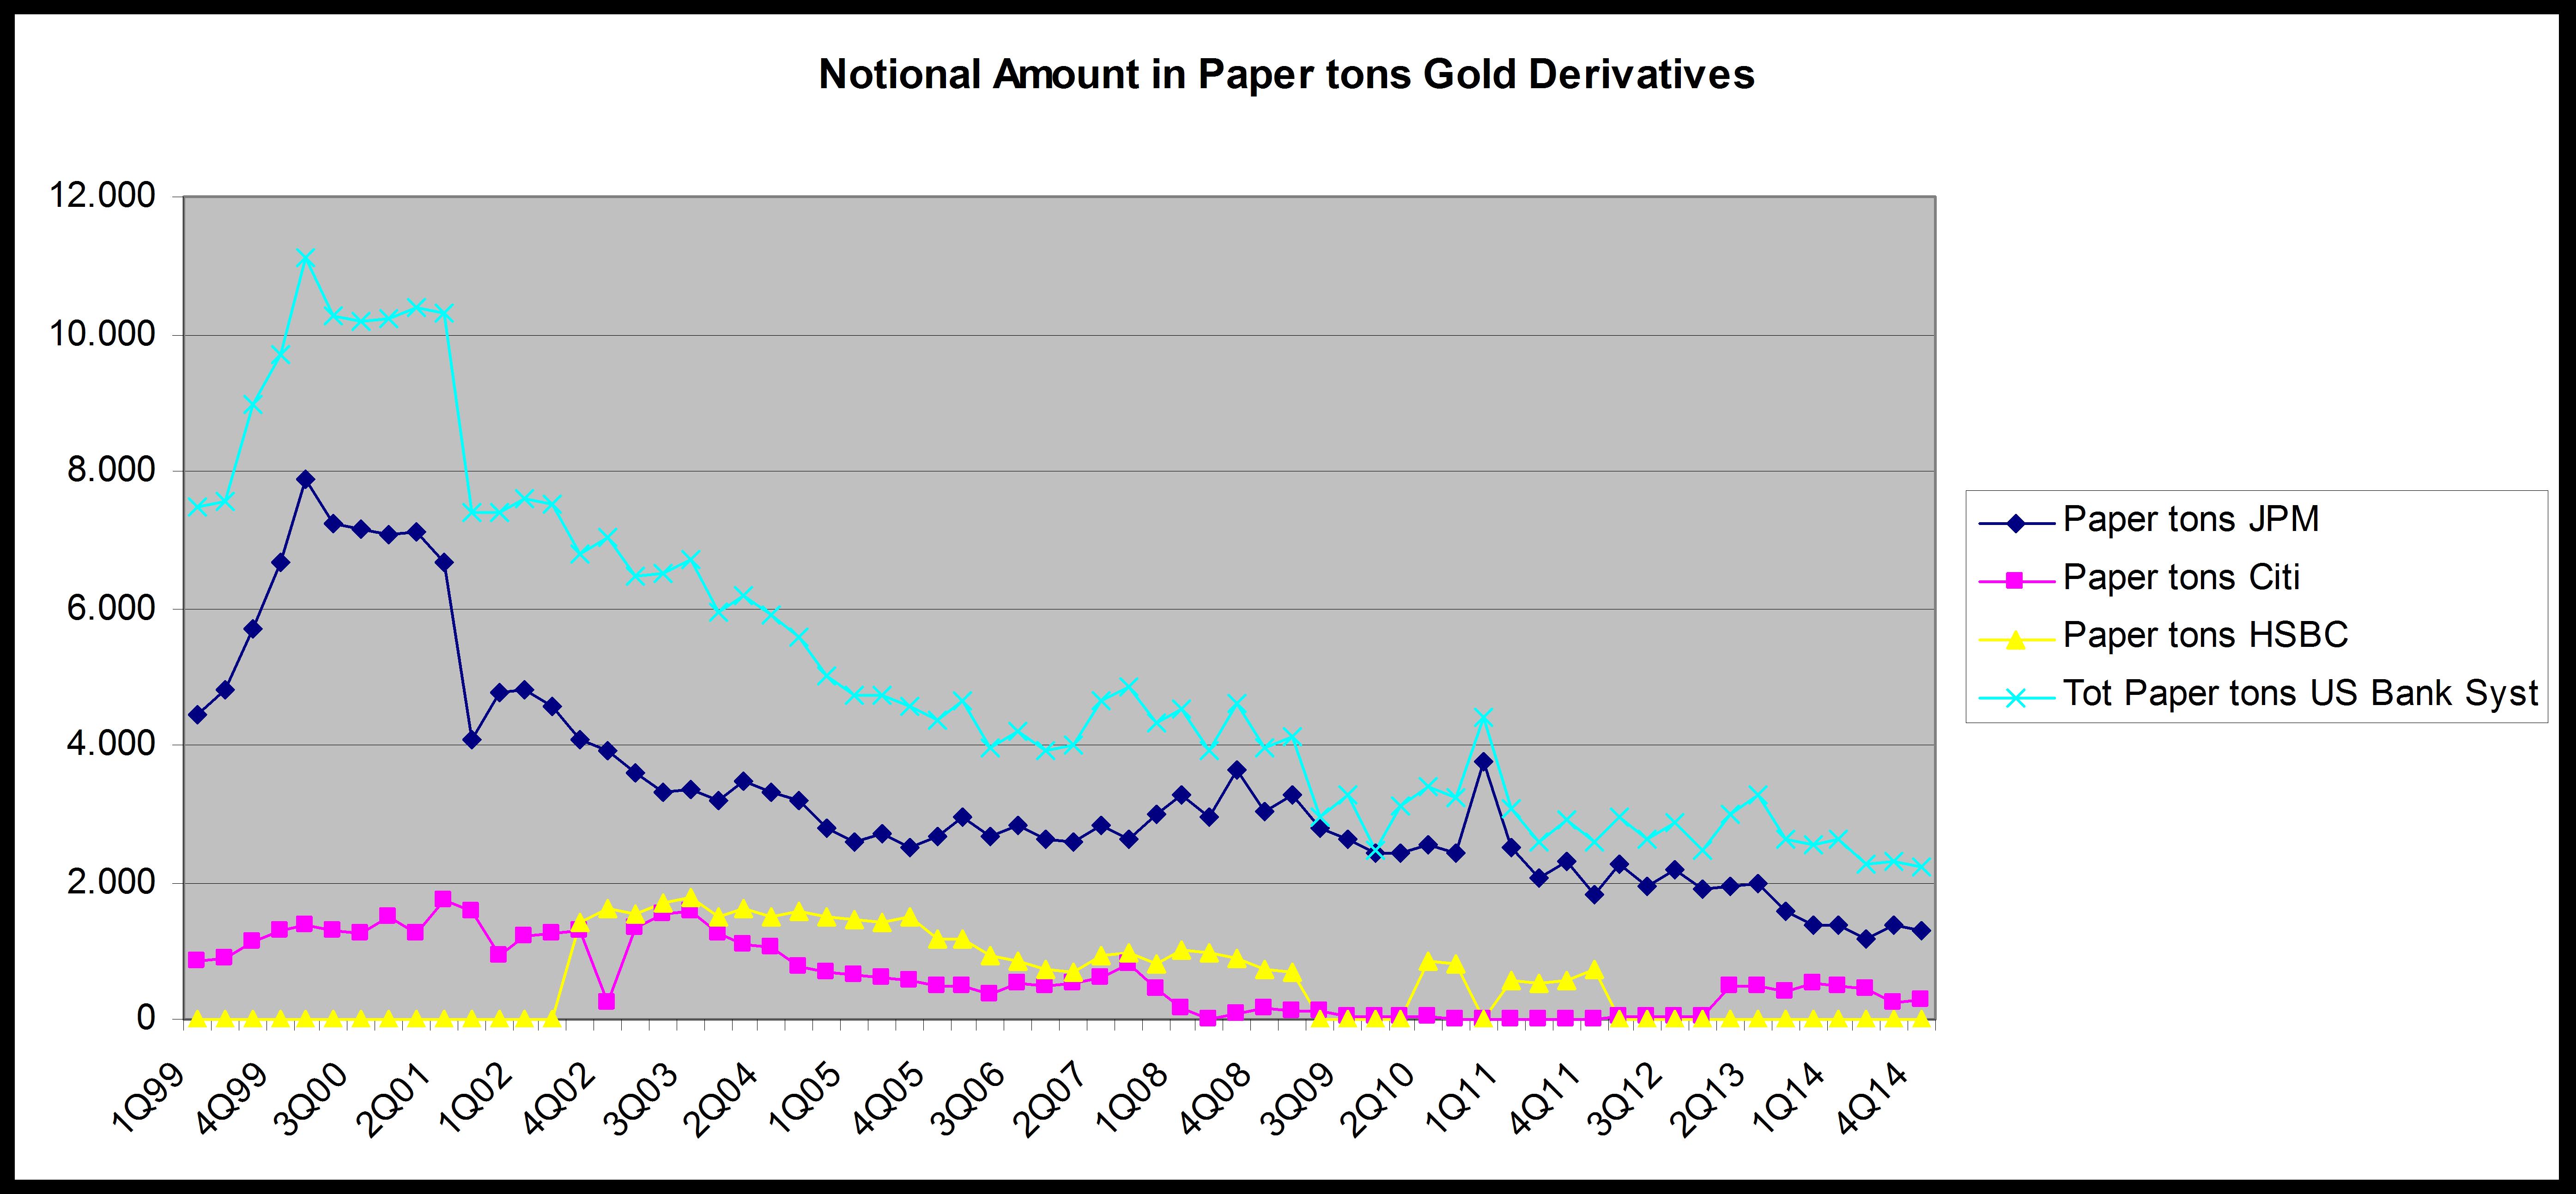 dérivés or- argent métal  et metauxprecieux 6ba767804e09de9f87817305d8d2a2aa